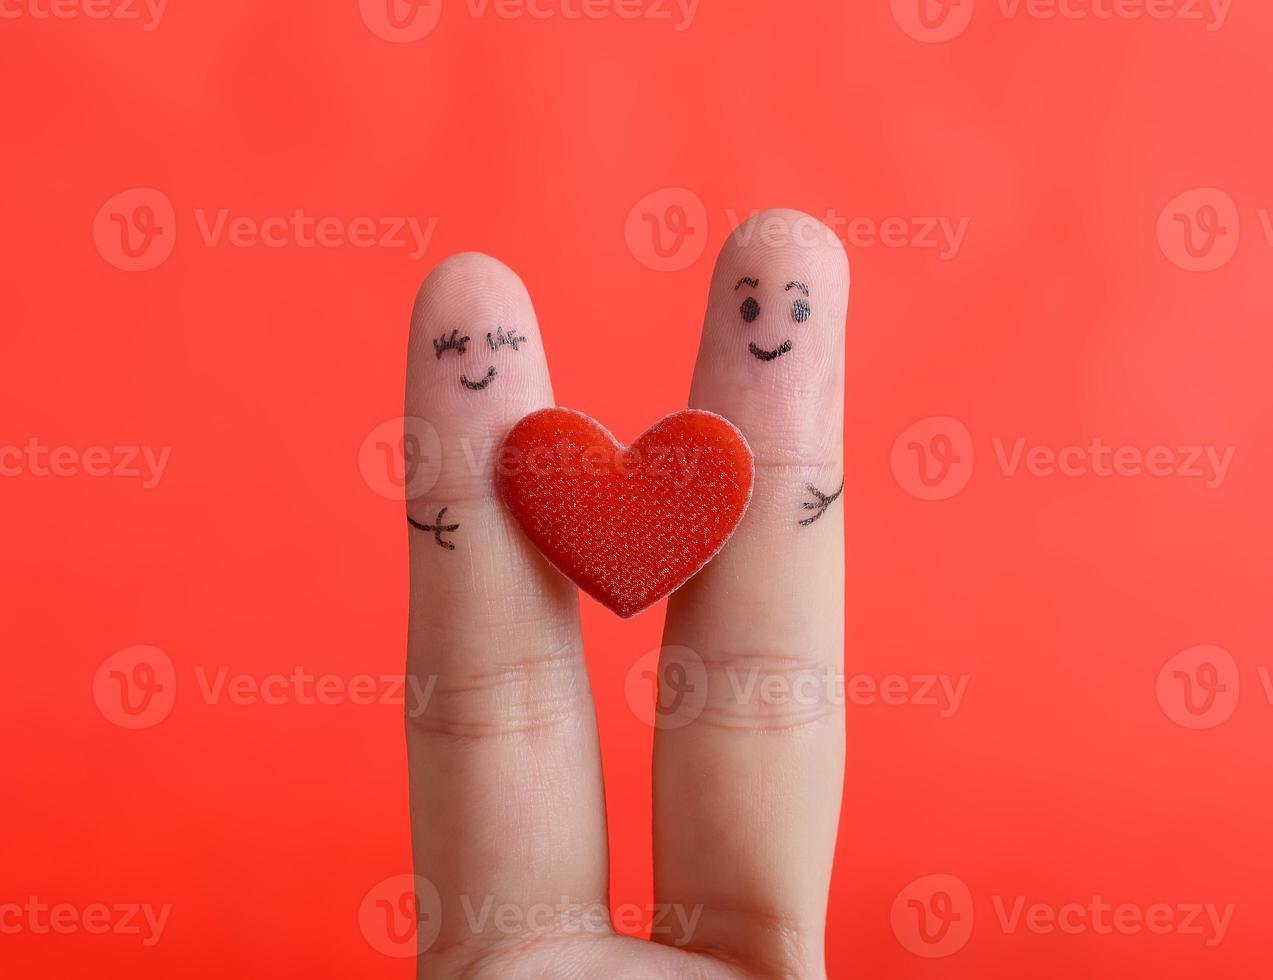 smiley de dedo pintado sobre fundo vermelho, conceito de dia dos namorados. foto